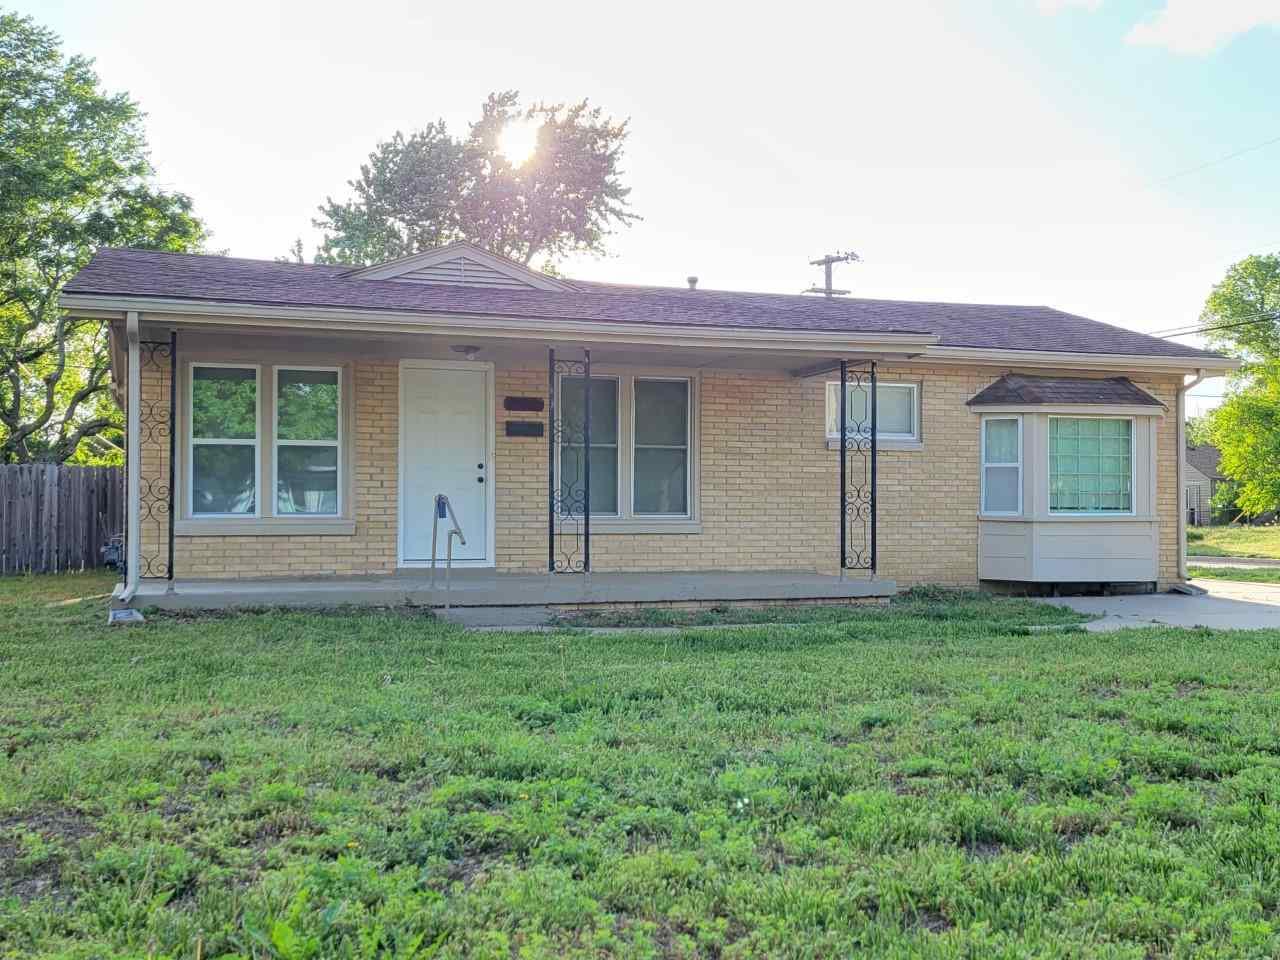 2803 S Mead St, Wichita, KS, 67216